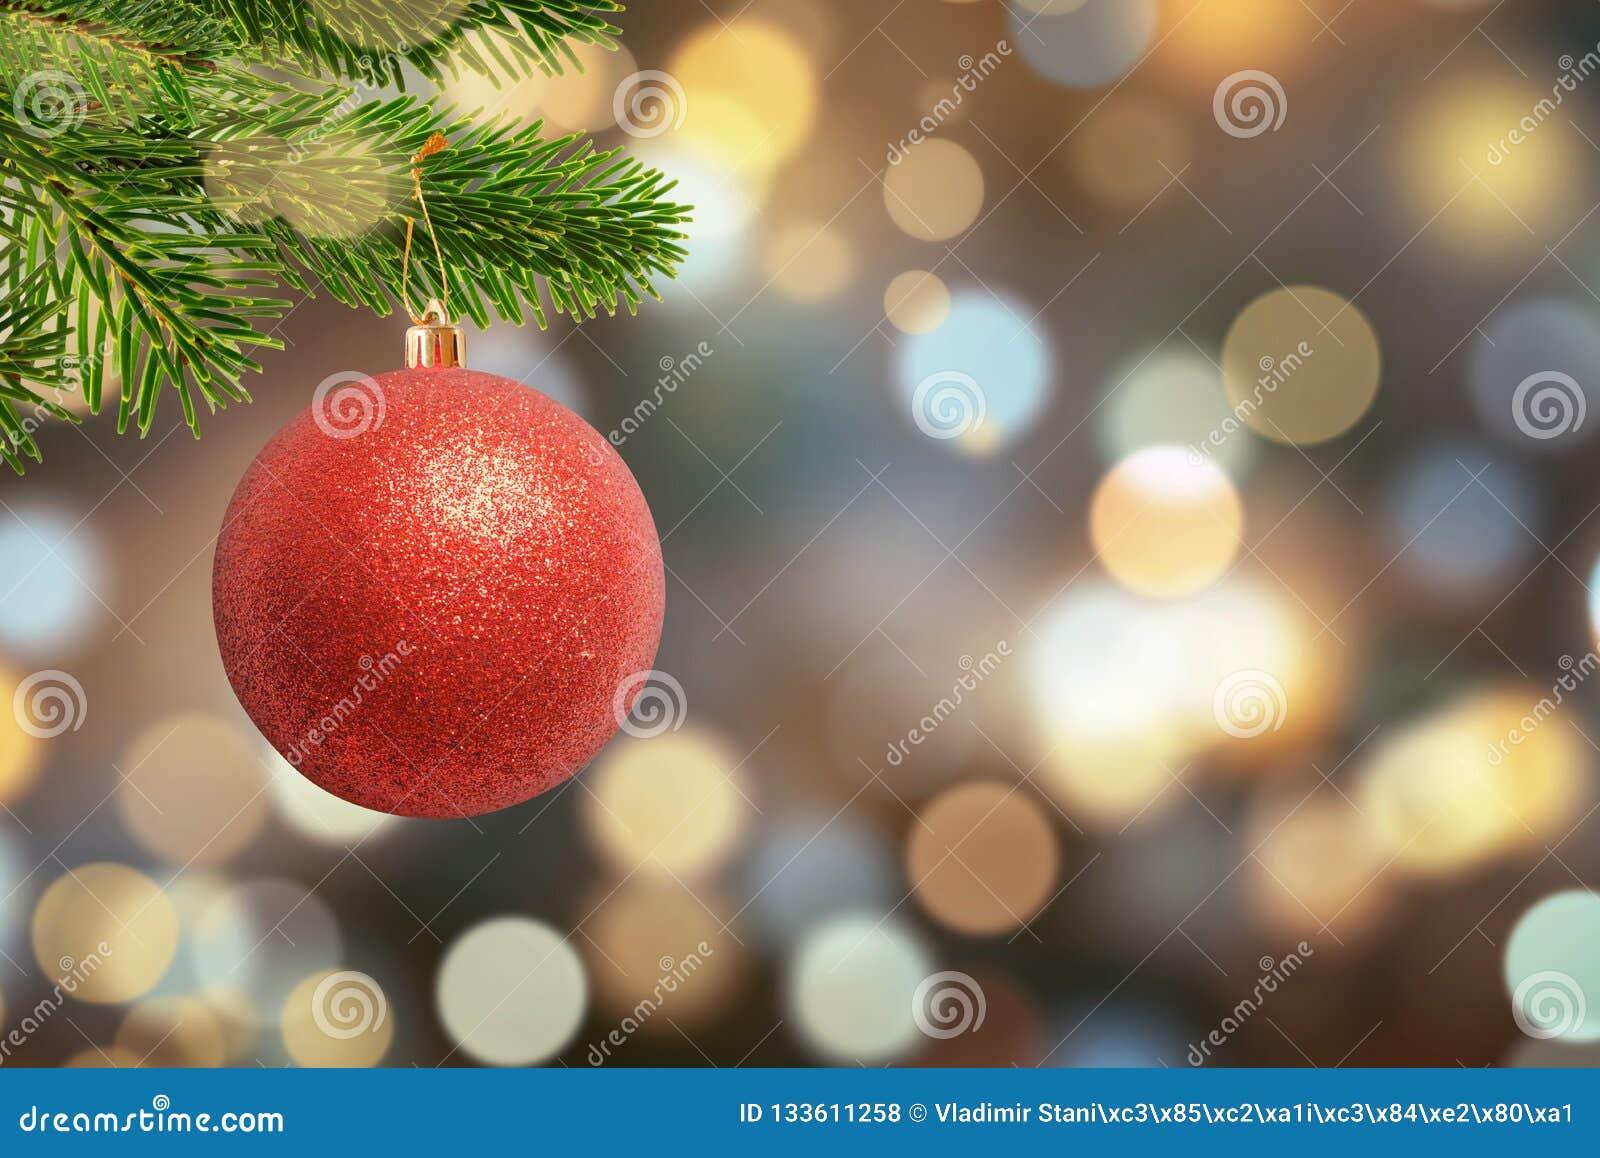 Image Brillante De Noel.Boule Brillante De Noel Sur L Arbre Et Lumieres De Noel